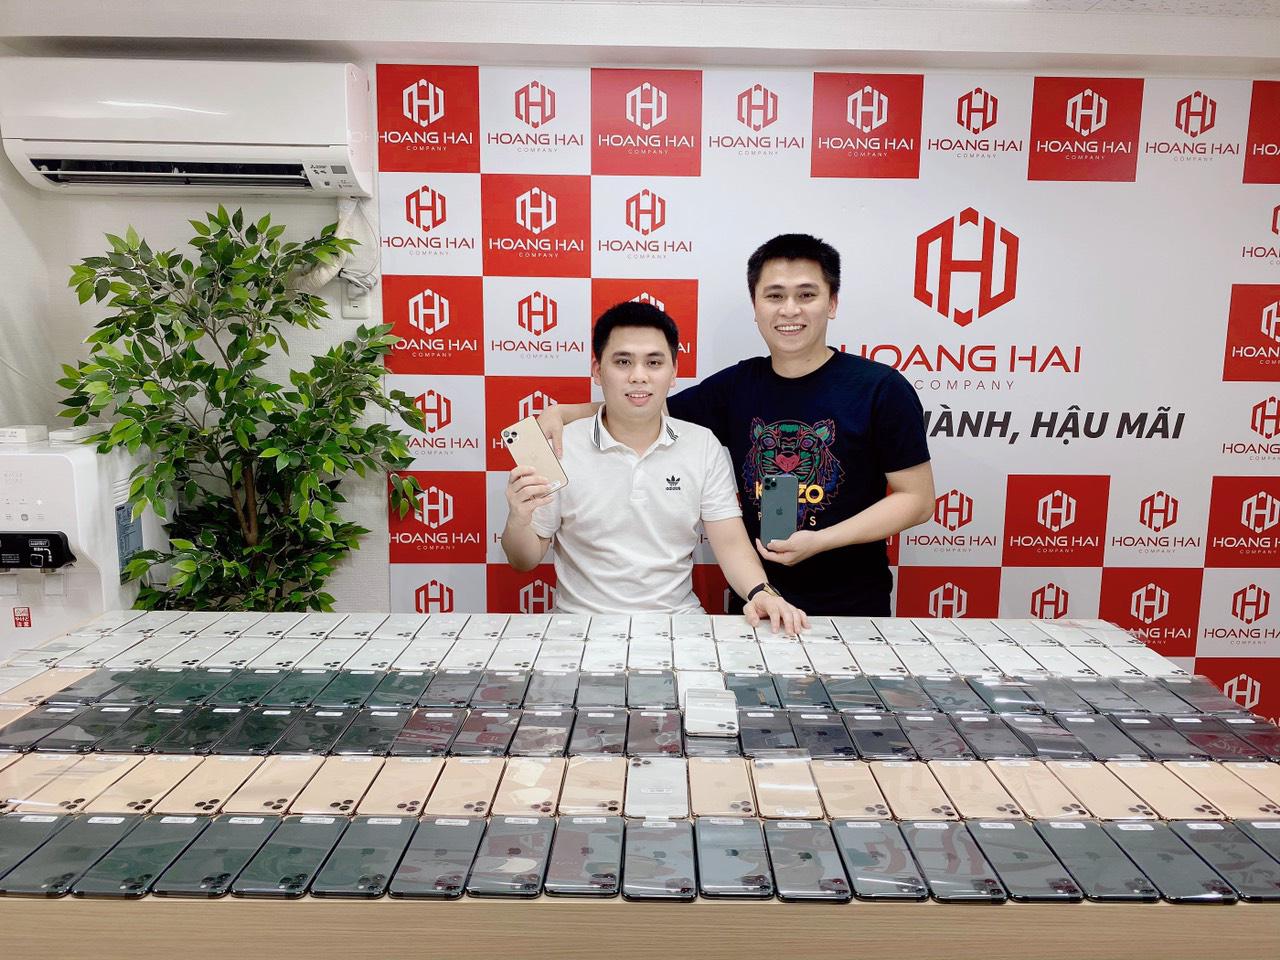 9x Việt khởi nghiệp thành công tại Nhật từ chiến lược kinh doanh điện thoại thông minh - Ảnh 5.